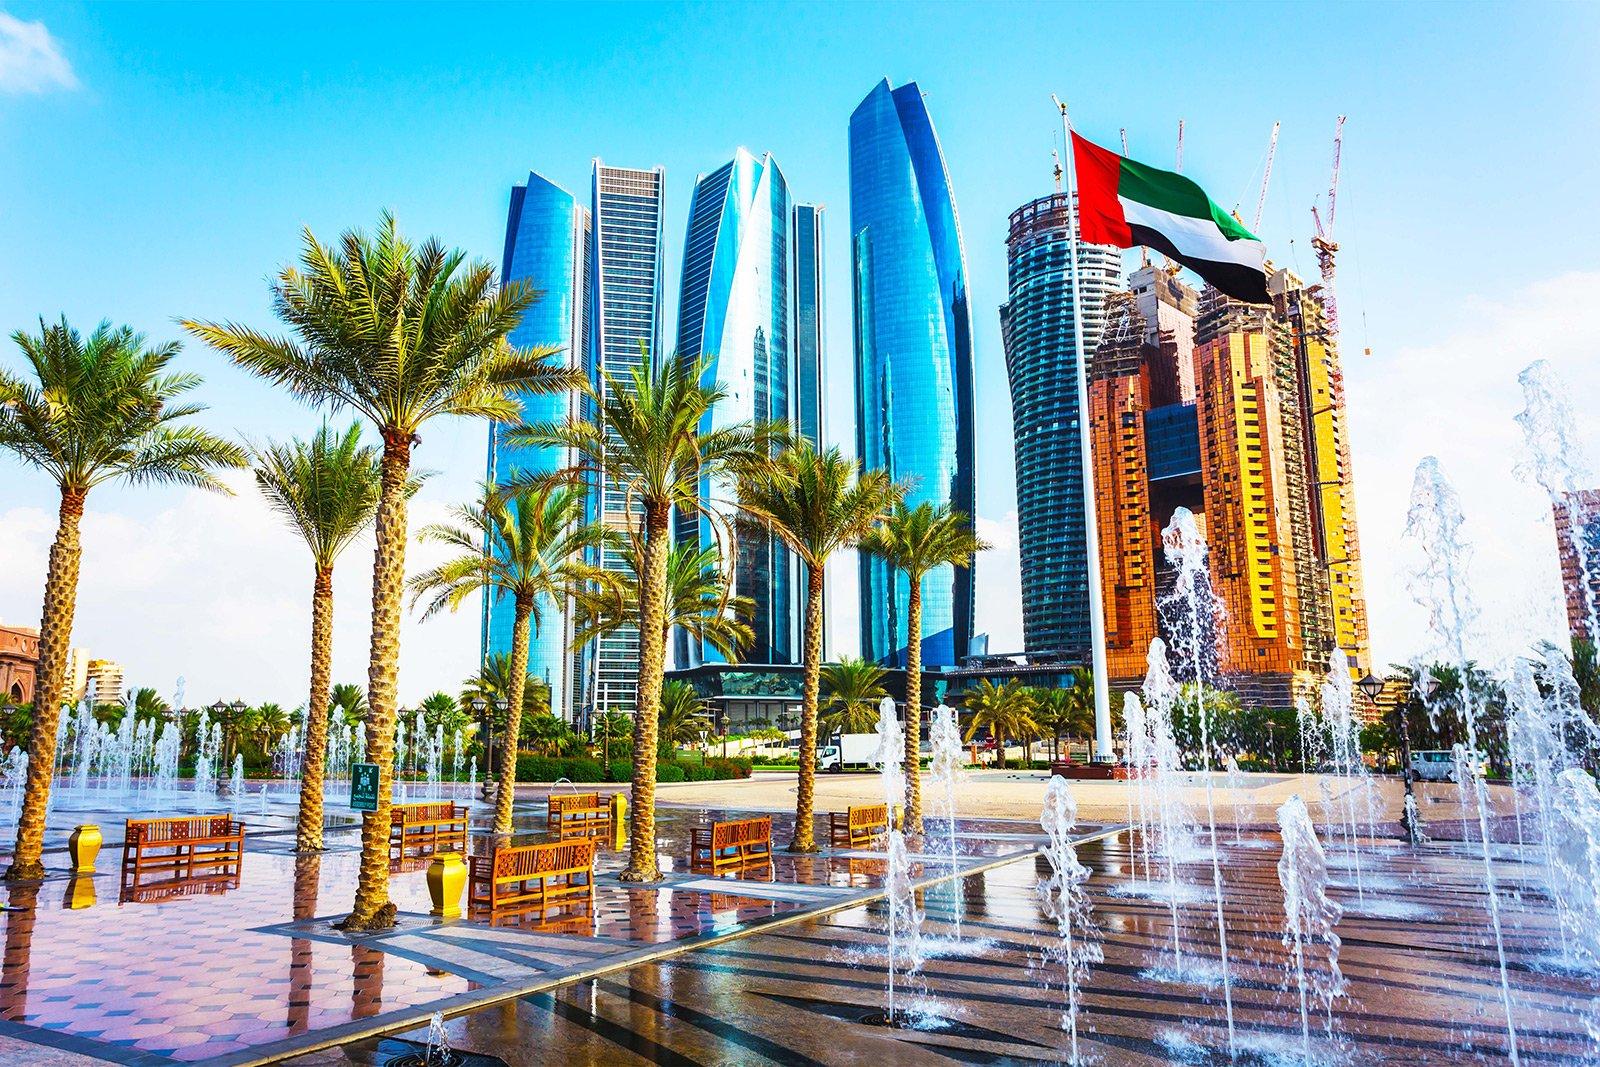 Встречайте Новый год в Объединенных Арабских Эмиратах!